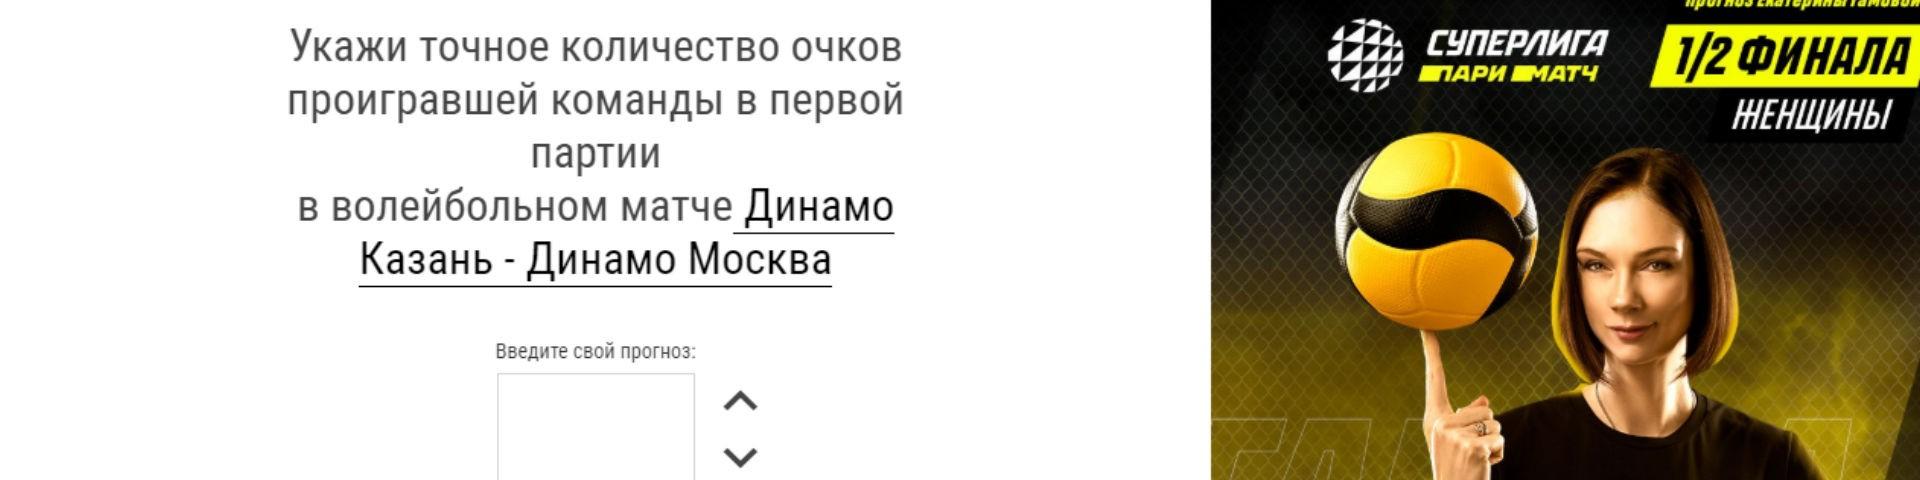 БК «Париматч»: 3000 рублей за прогноз на игру «Динамо Казань» – «Динамо Москва»